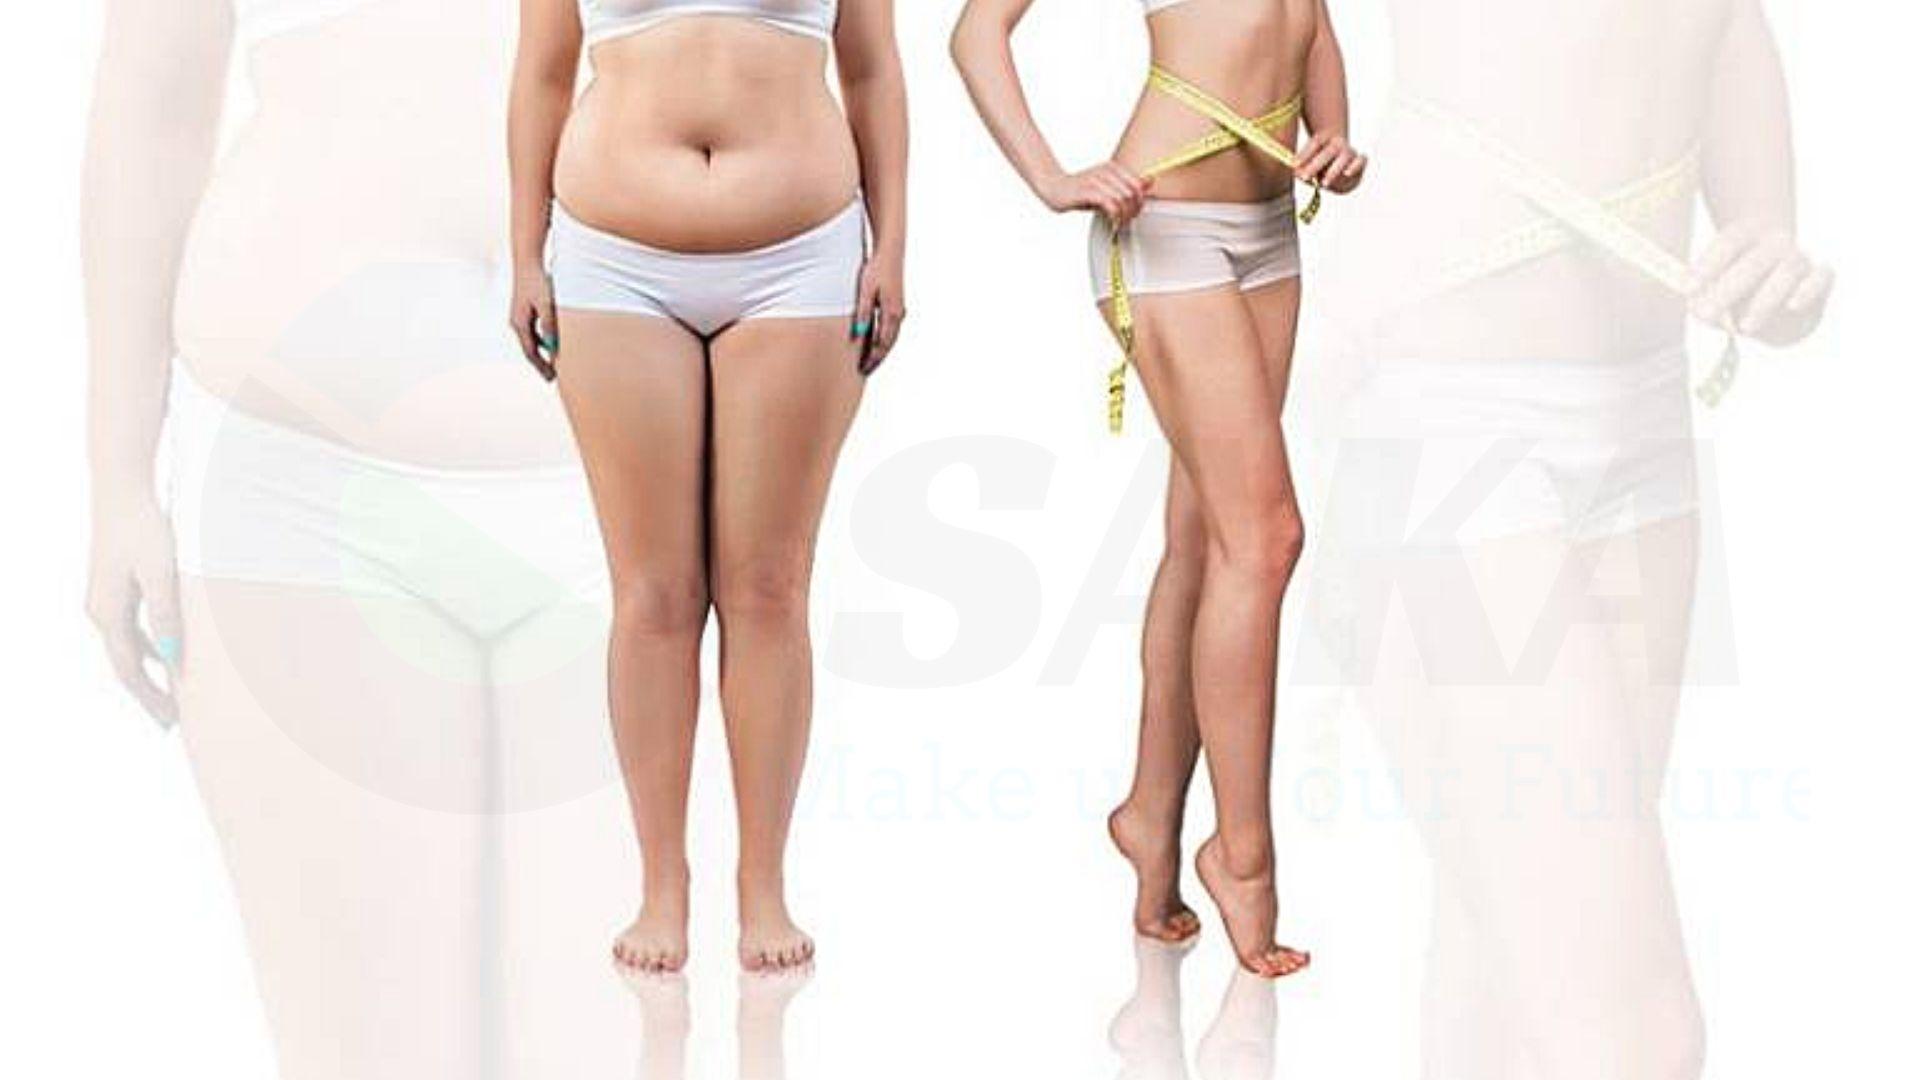 Phương pháp giảm béo hiệu quả